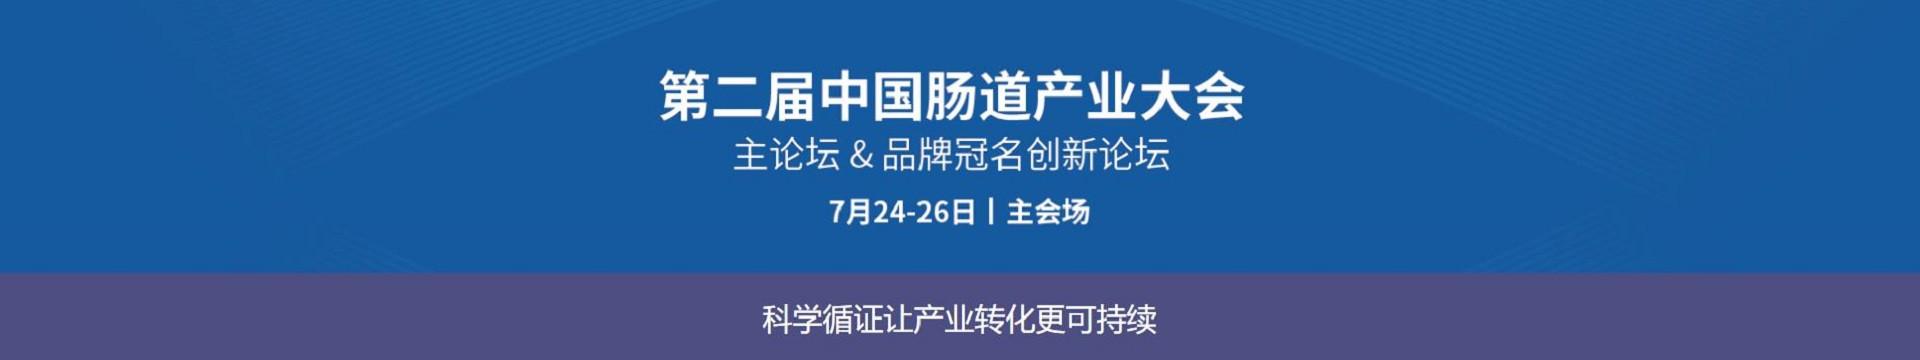 第二屆中國腸道產業大會